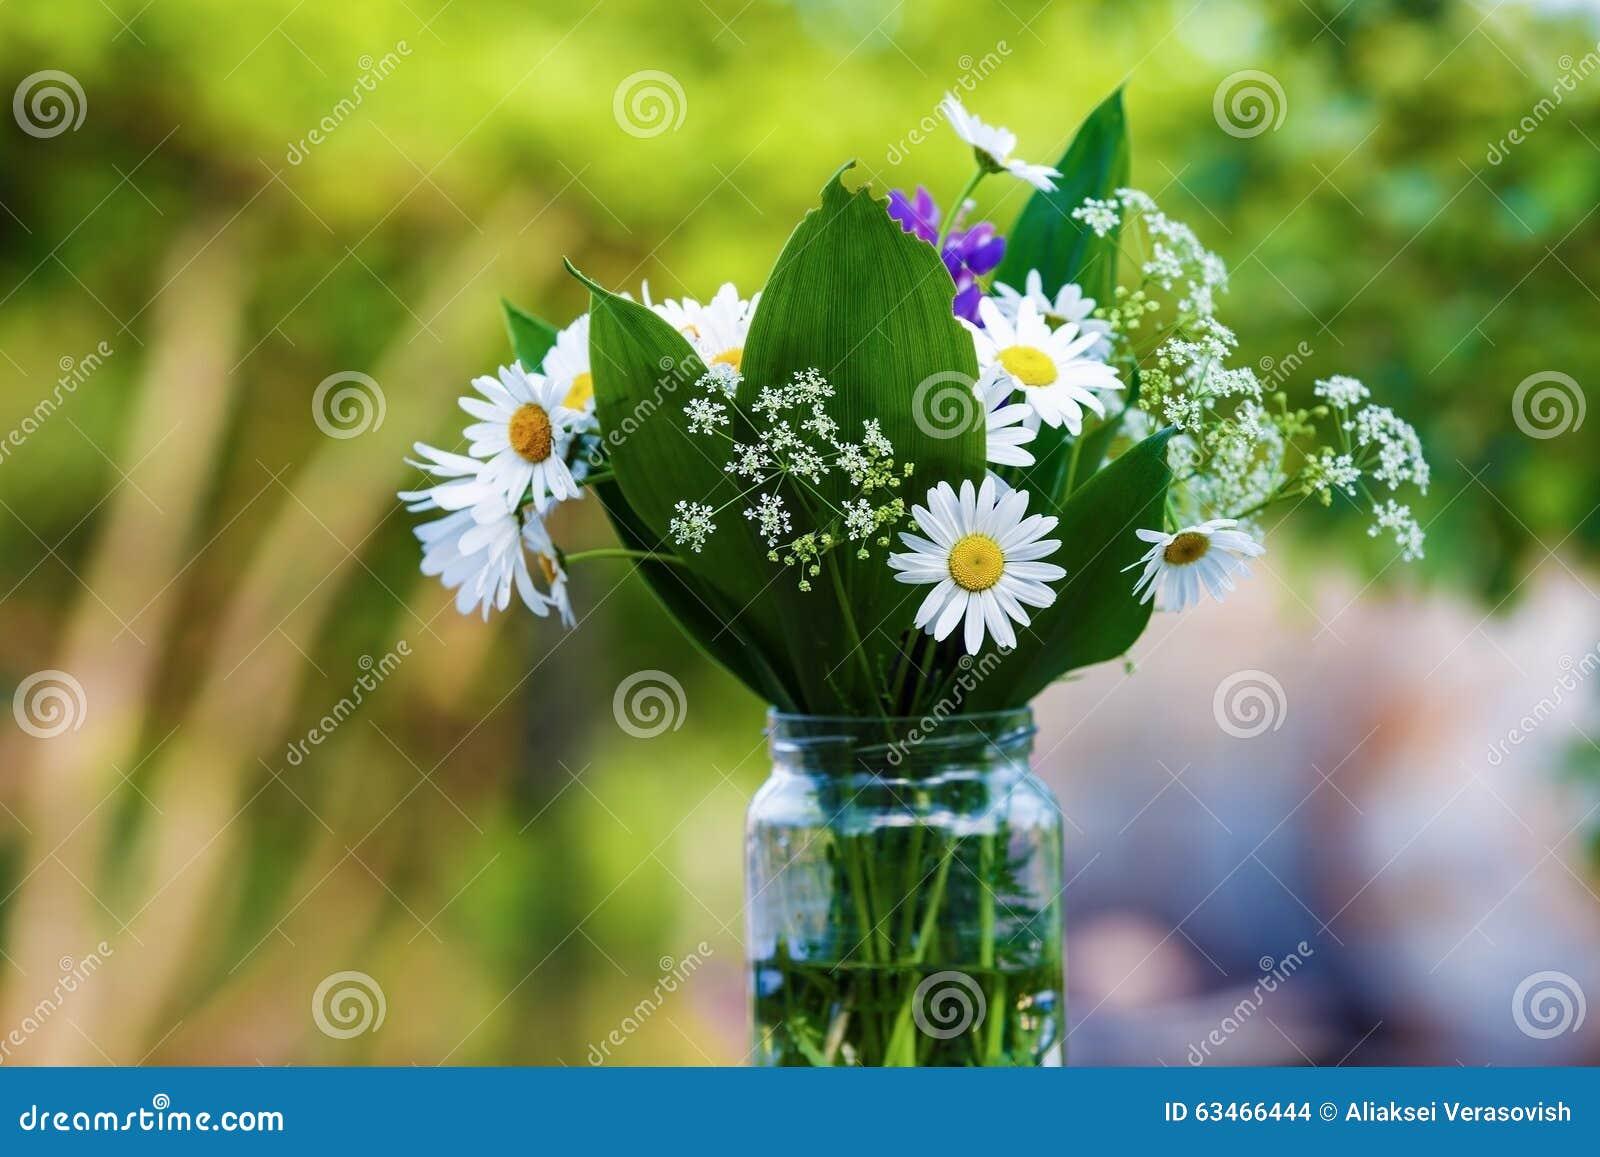 Bouquet des fleurs sauvages photo stock image du normal nature 63466444 - Bouquet de fleurs sauvages ...